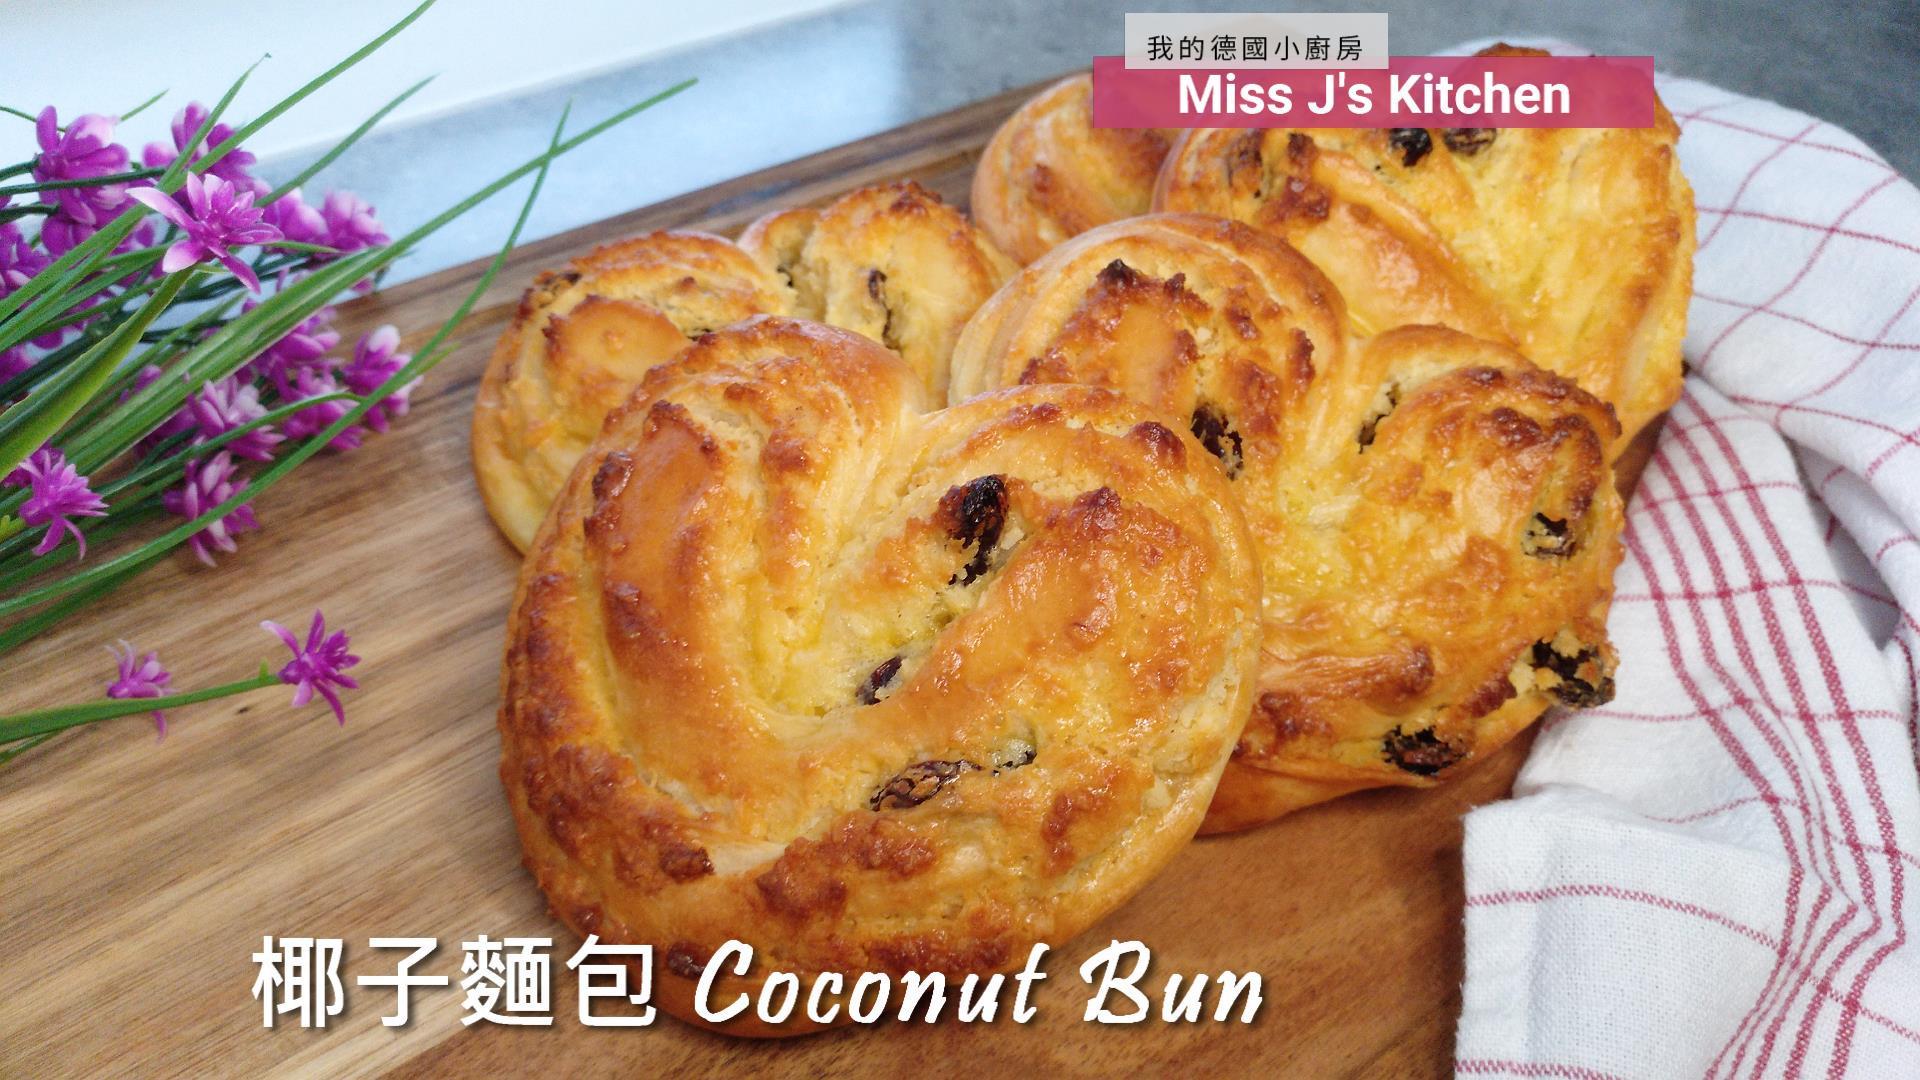 經典台式麵包 - 椰子麵包, 心型造型